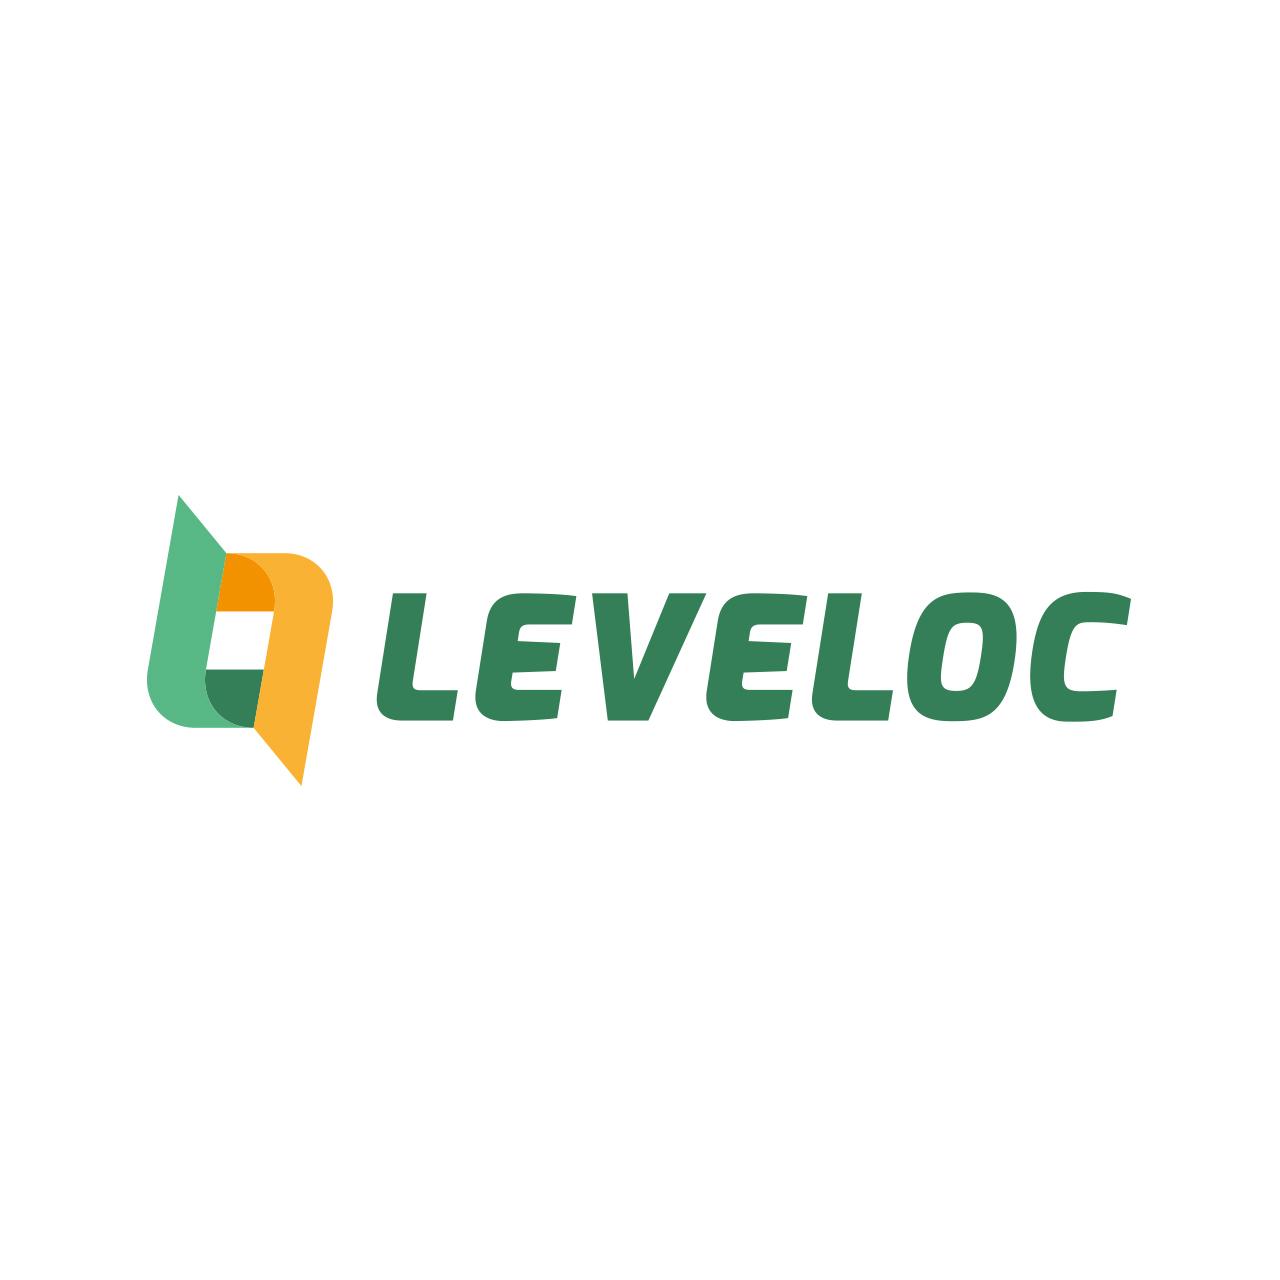 Portfólio - Alvetti Comunicação - Identidade visual Leveloc